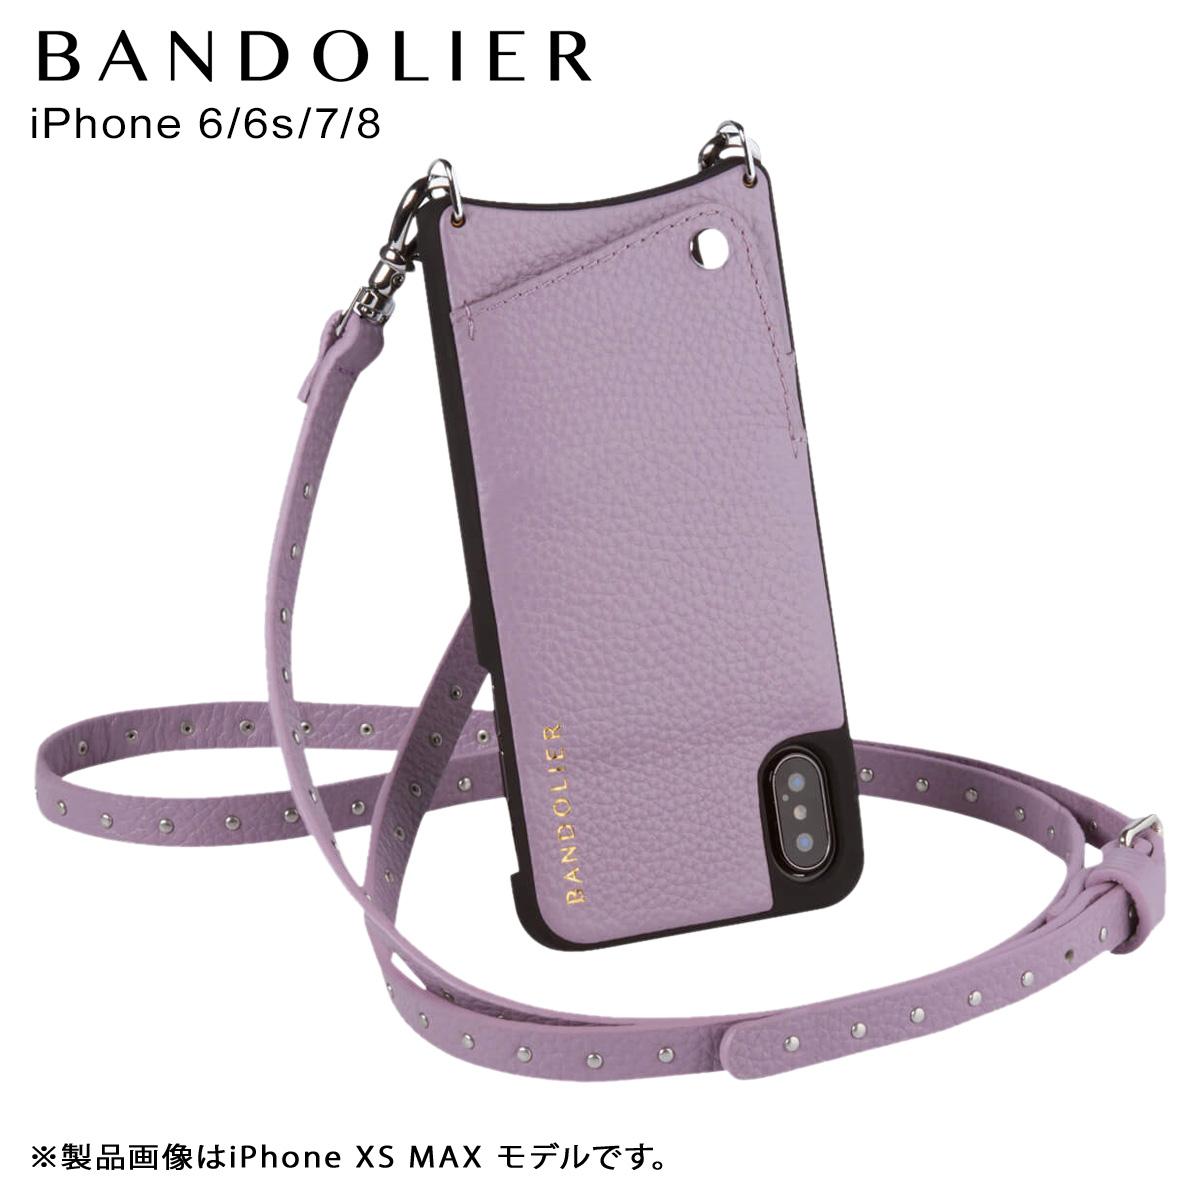 BANDOLIER iPhone 8 7 6s 6 NICOLE LILAC バンドリヤー ケース ショルダー スマホ アイフォン レザー メンズ レディース ライラック 10NIC1001